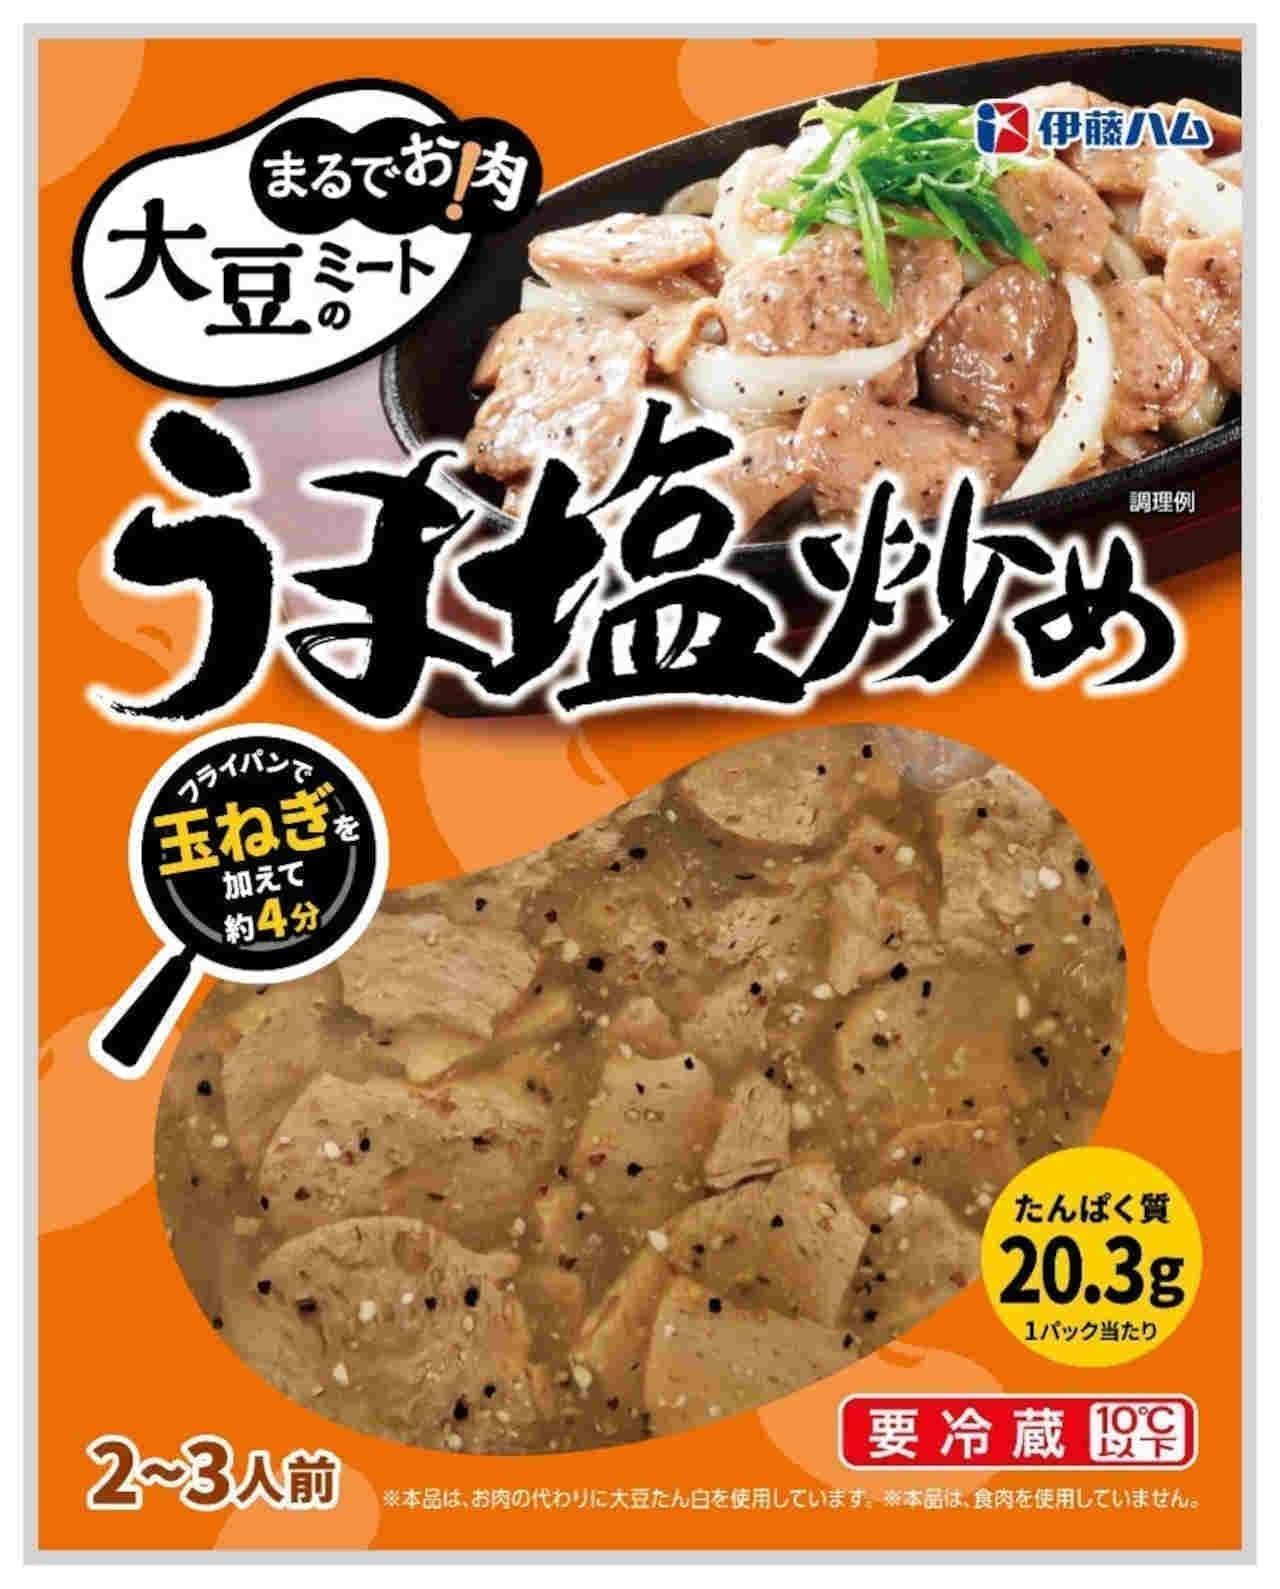 伊藤ハムの大豆ミート「まるでお肉!」